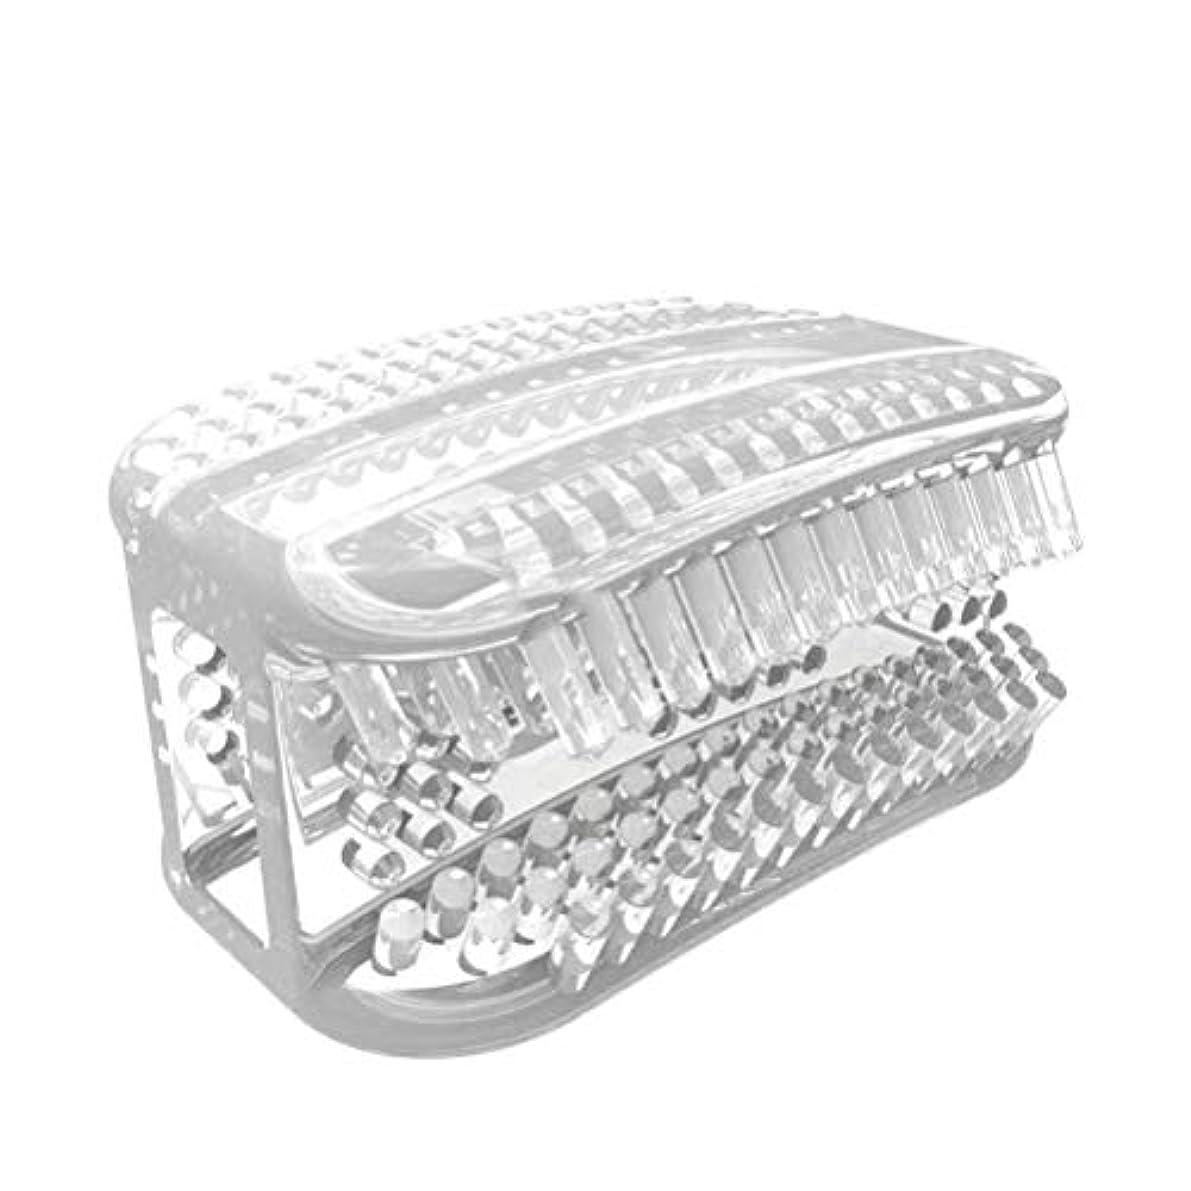 レクリエーション普遍的なキノコHealifty 便利な歯ブラシ怠惰な咀嚼ポータブルミニホワイトニング歯ブラシ歯のクリーニングツール(透明ホワイト)